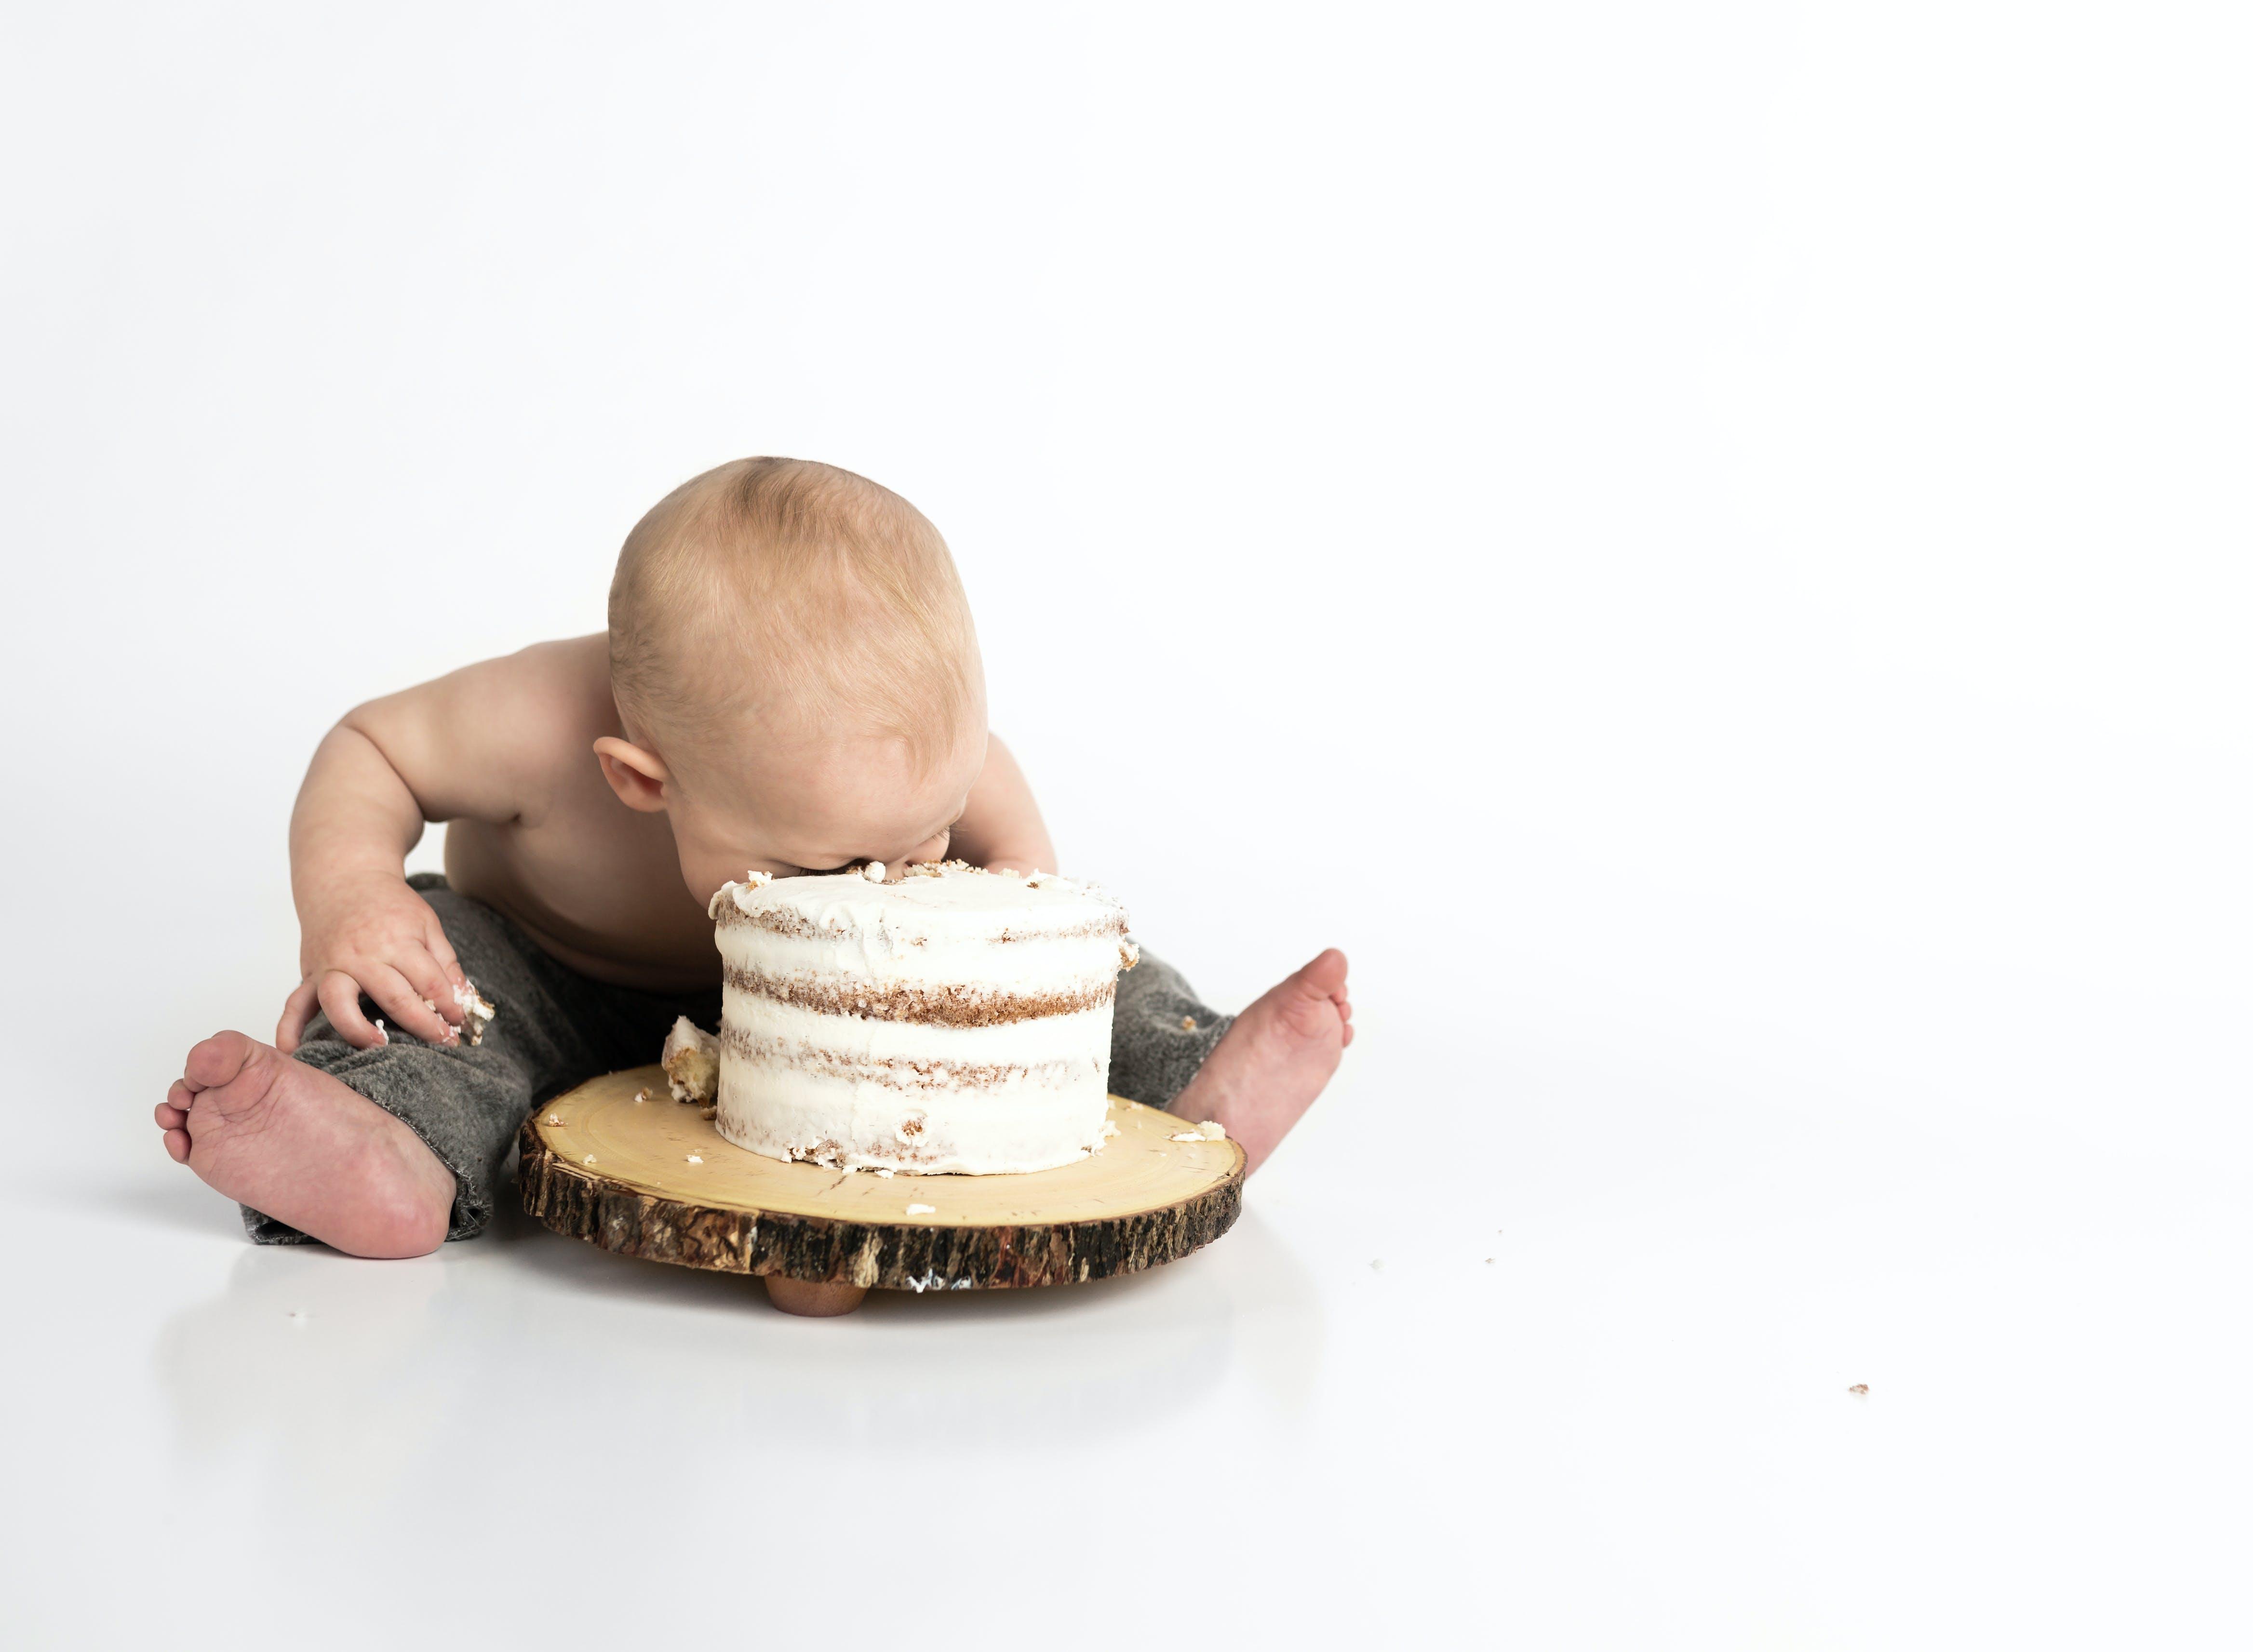 ケーキスマッシュ, ベビーケーキの無料の写真素材